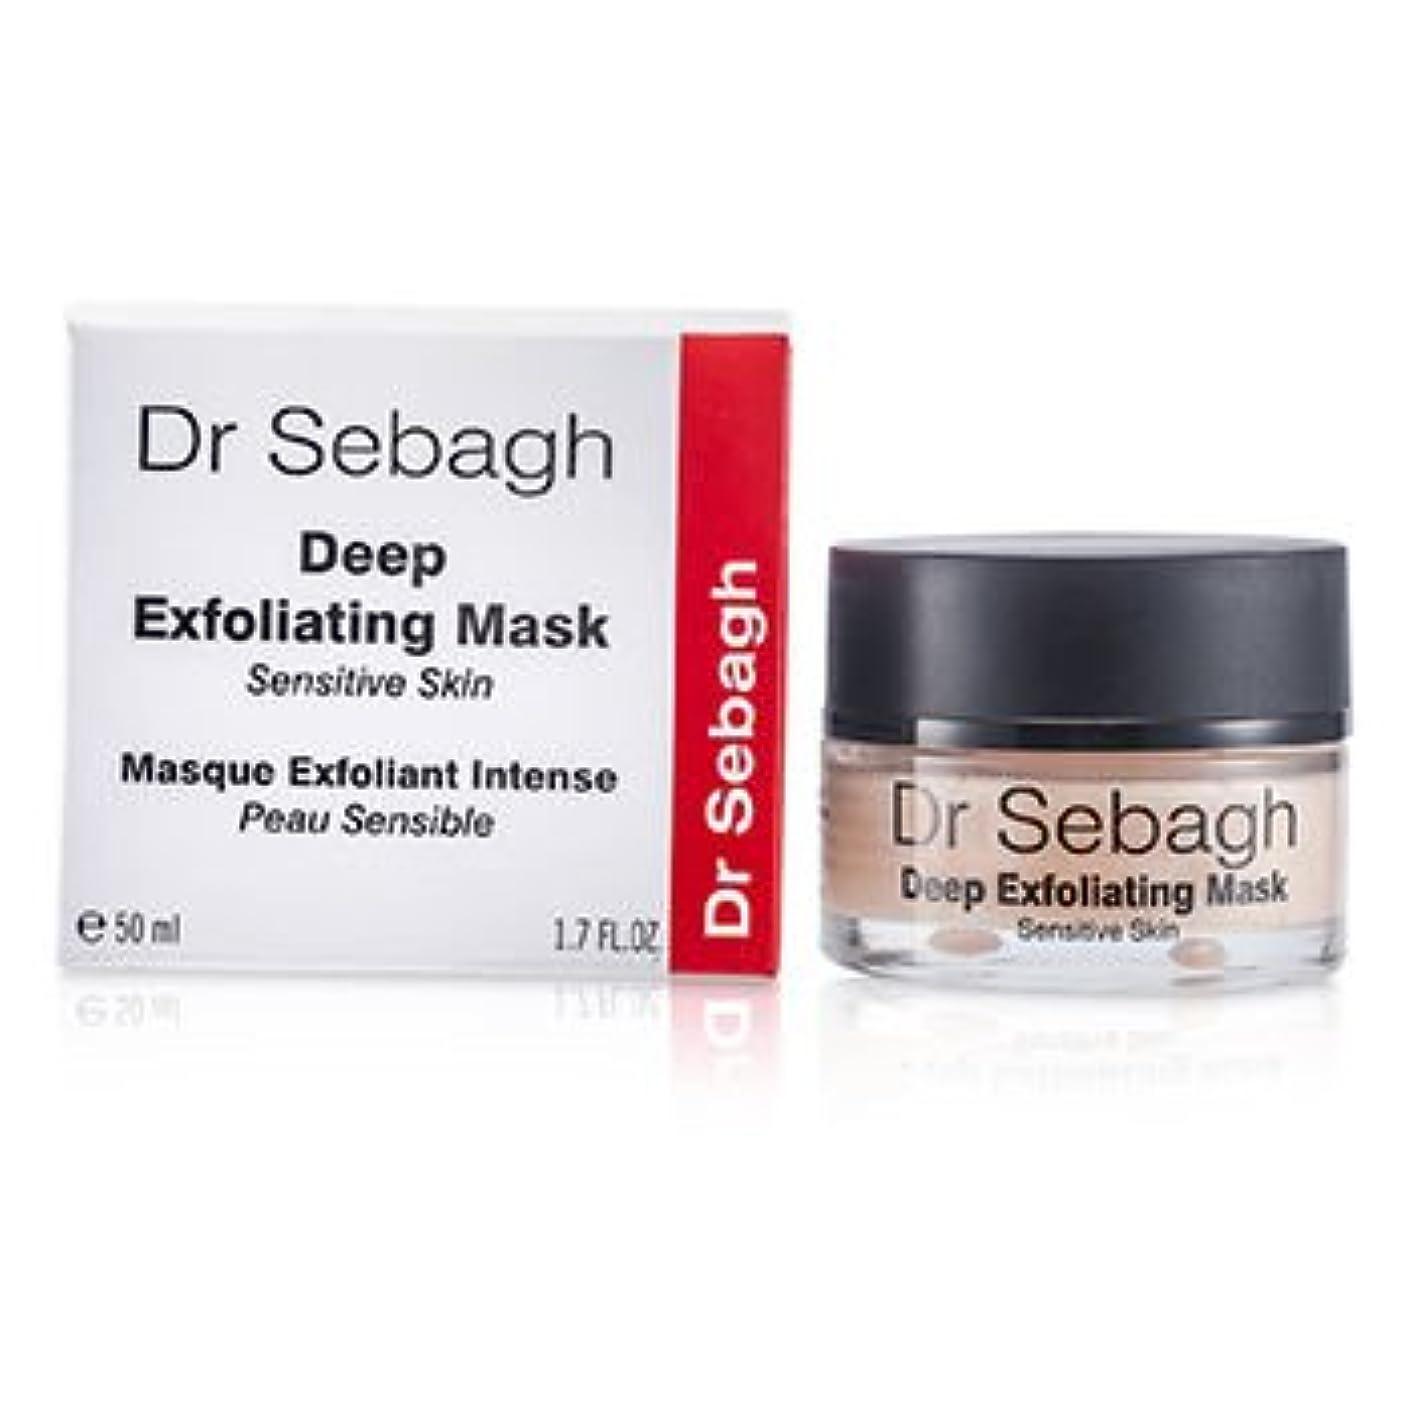 電報チョコレート床ドクターセバーグ ディープ エクスフォリエイティング マスク - 敏感肌 50ml/1.7oz並行輸入品